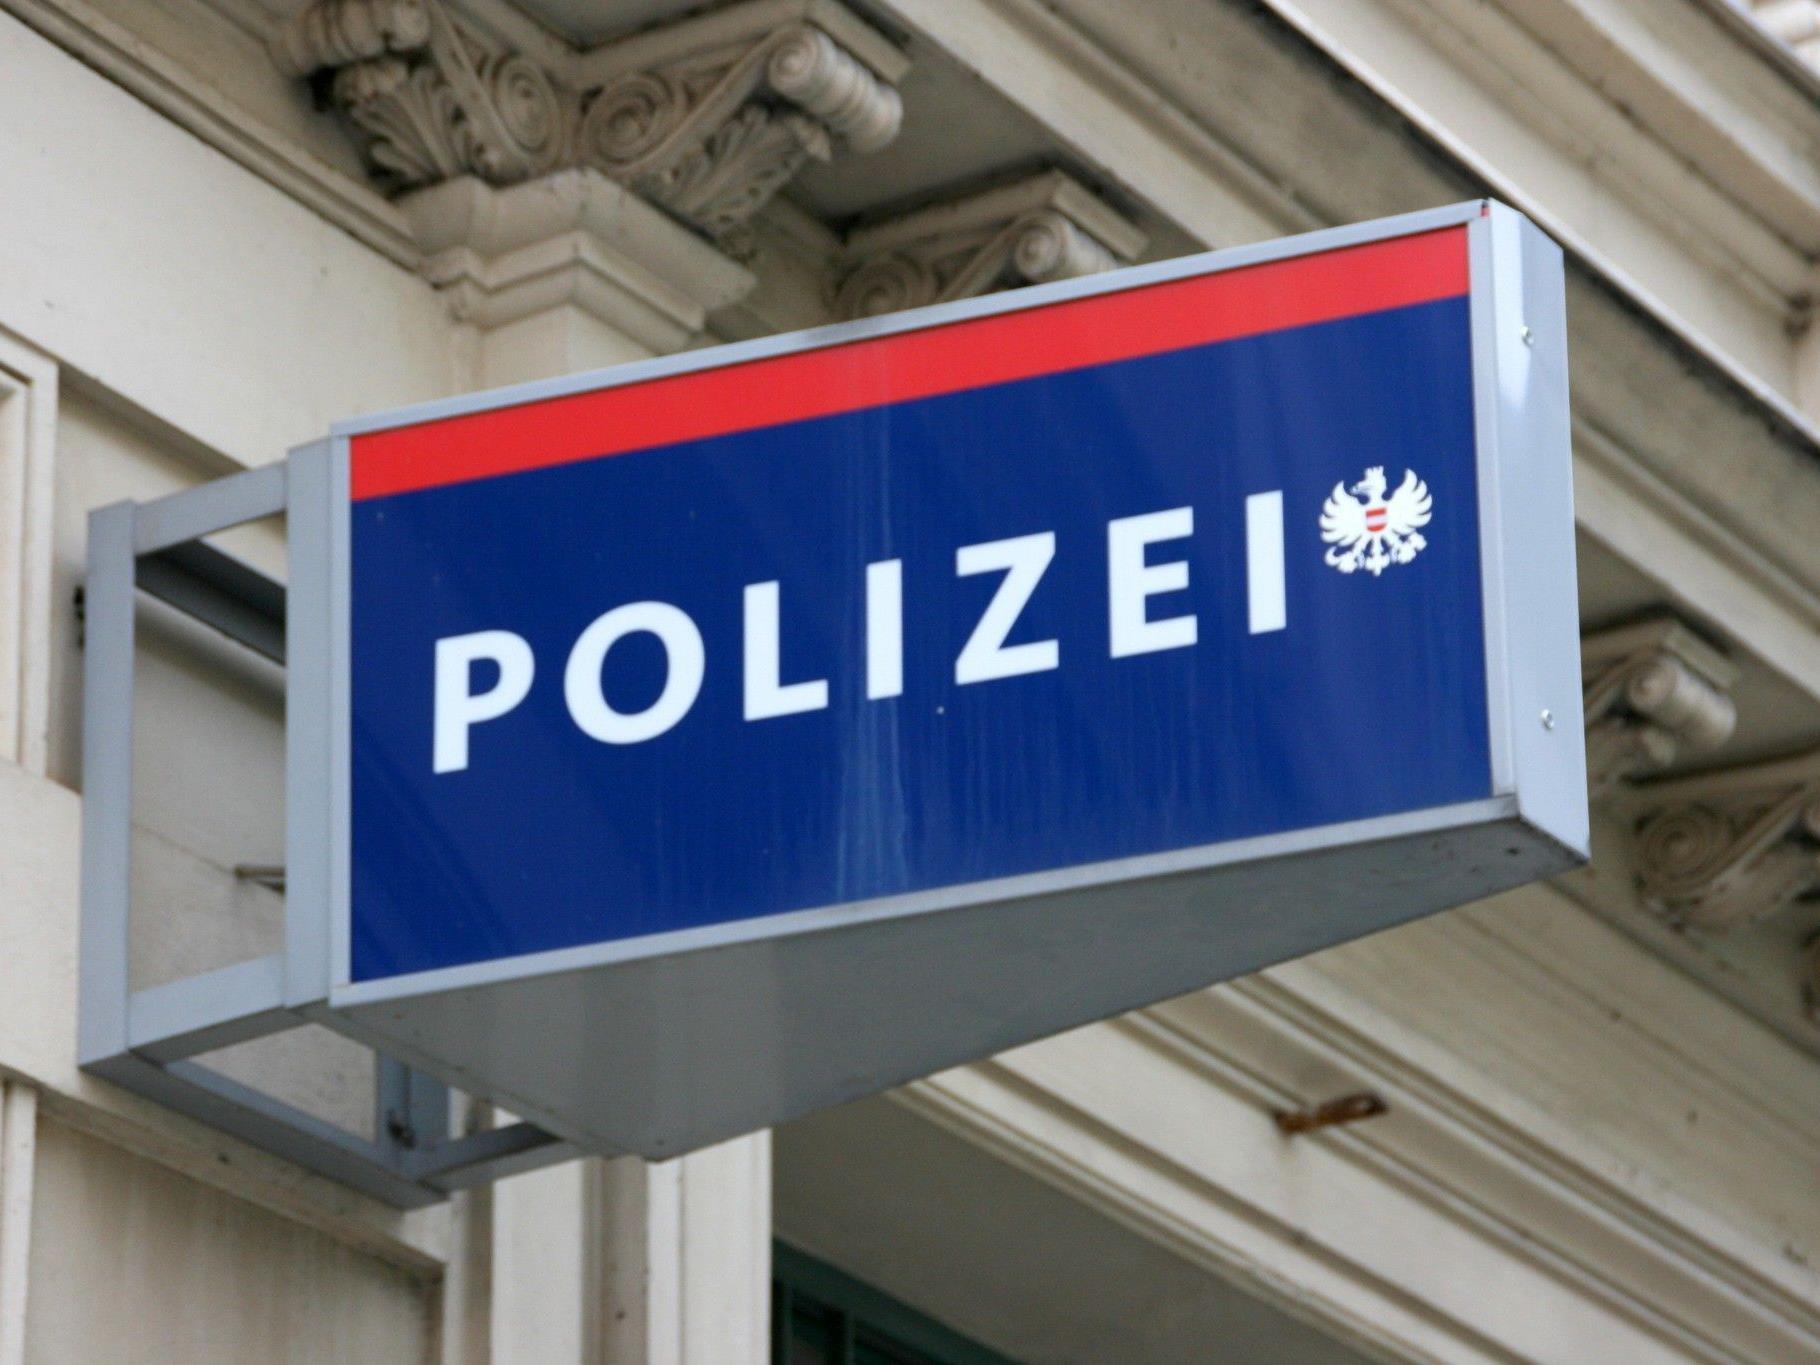 Der Anwalt des Polizisten dementiert jegliche Missbrauchsvorwürfe.